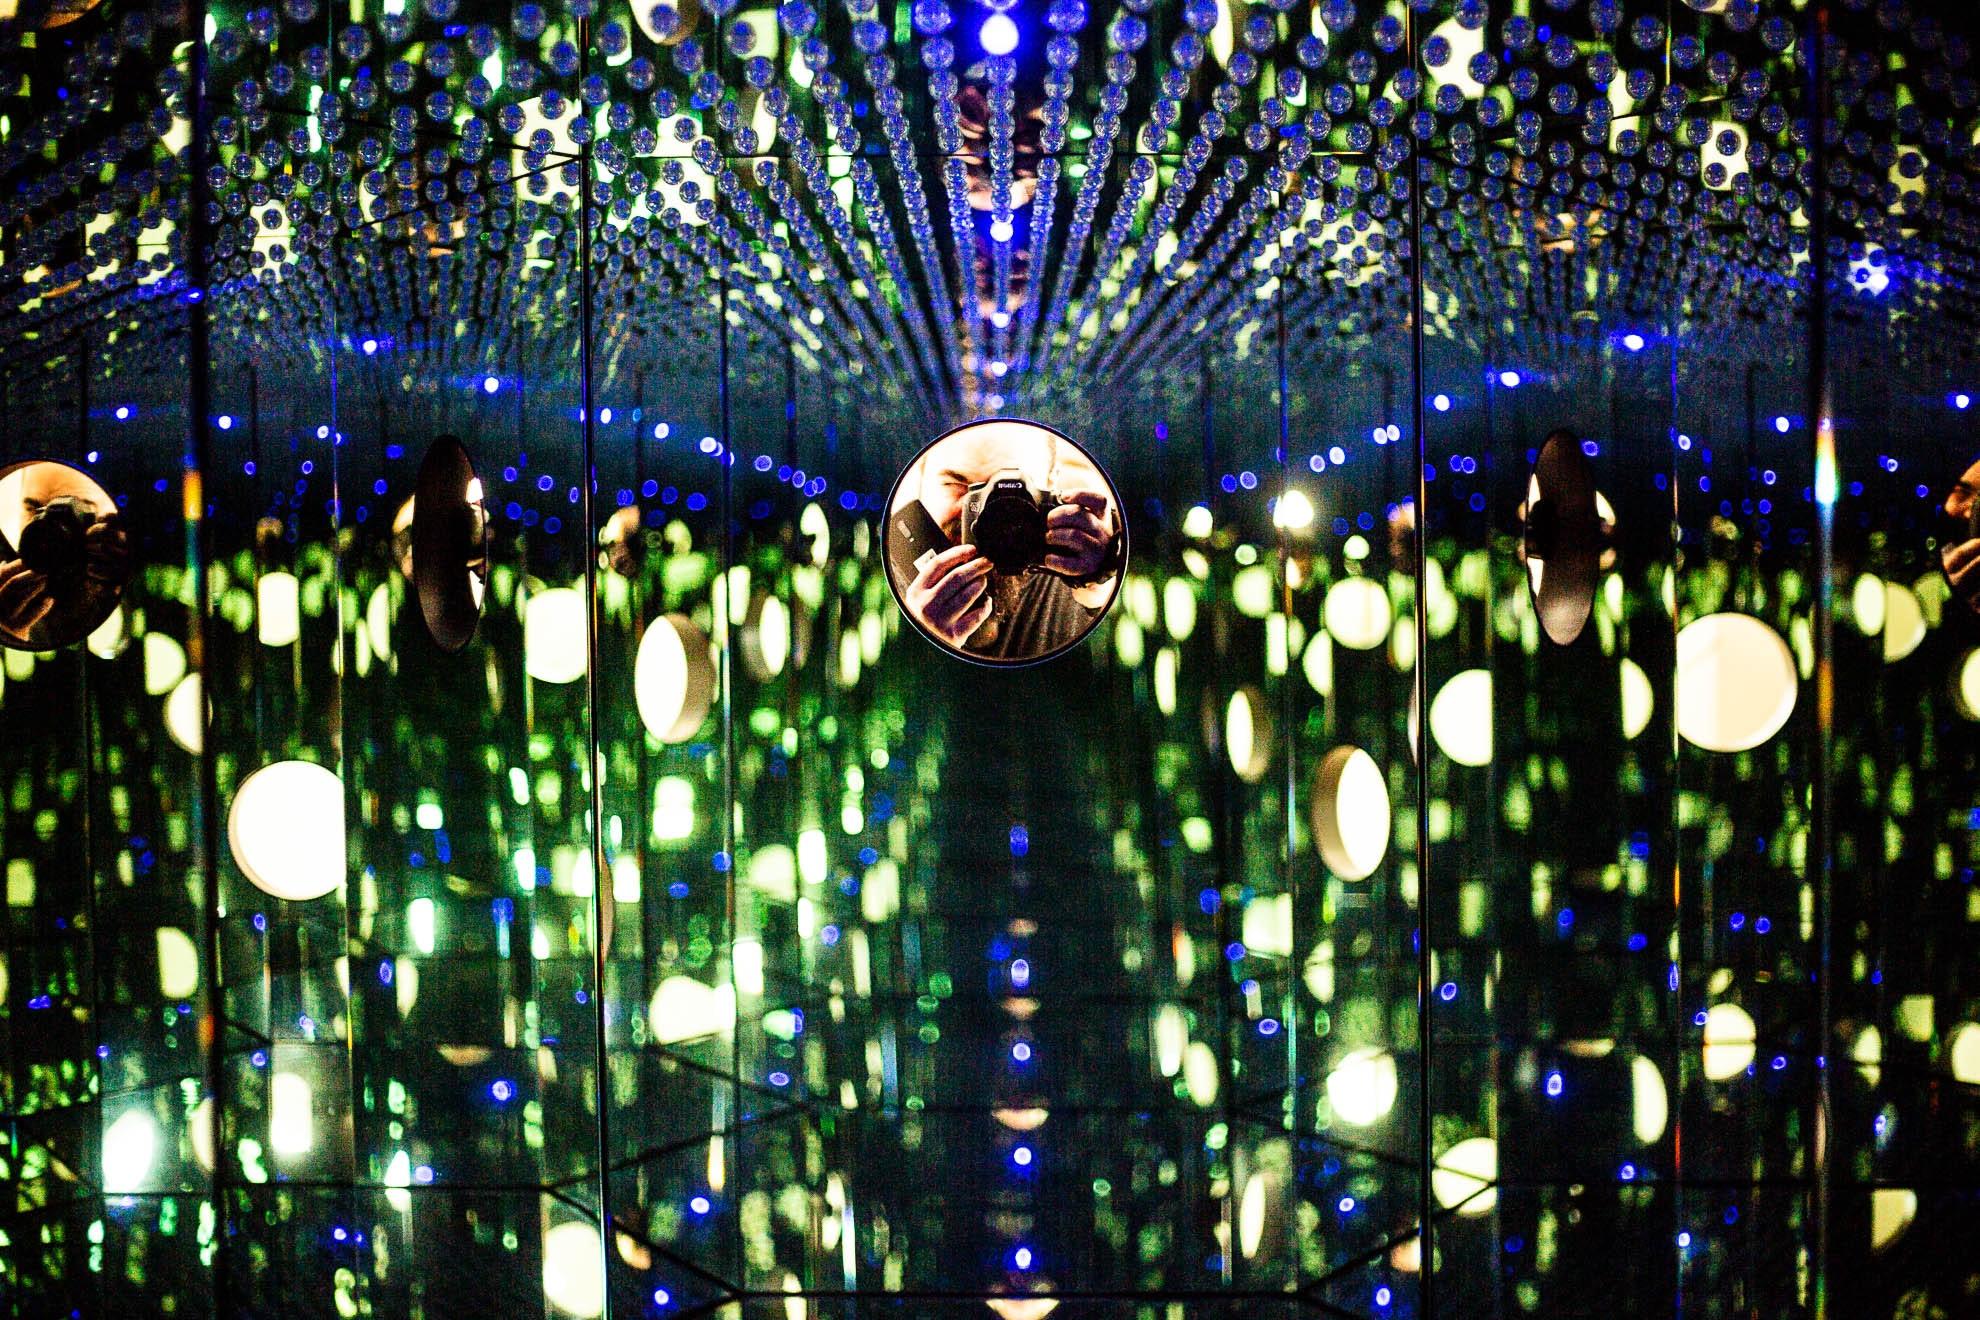 Longing for Eternity - Yayoi Kusama